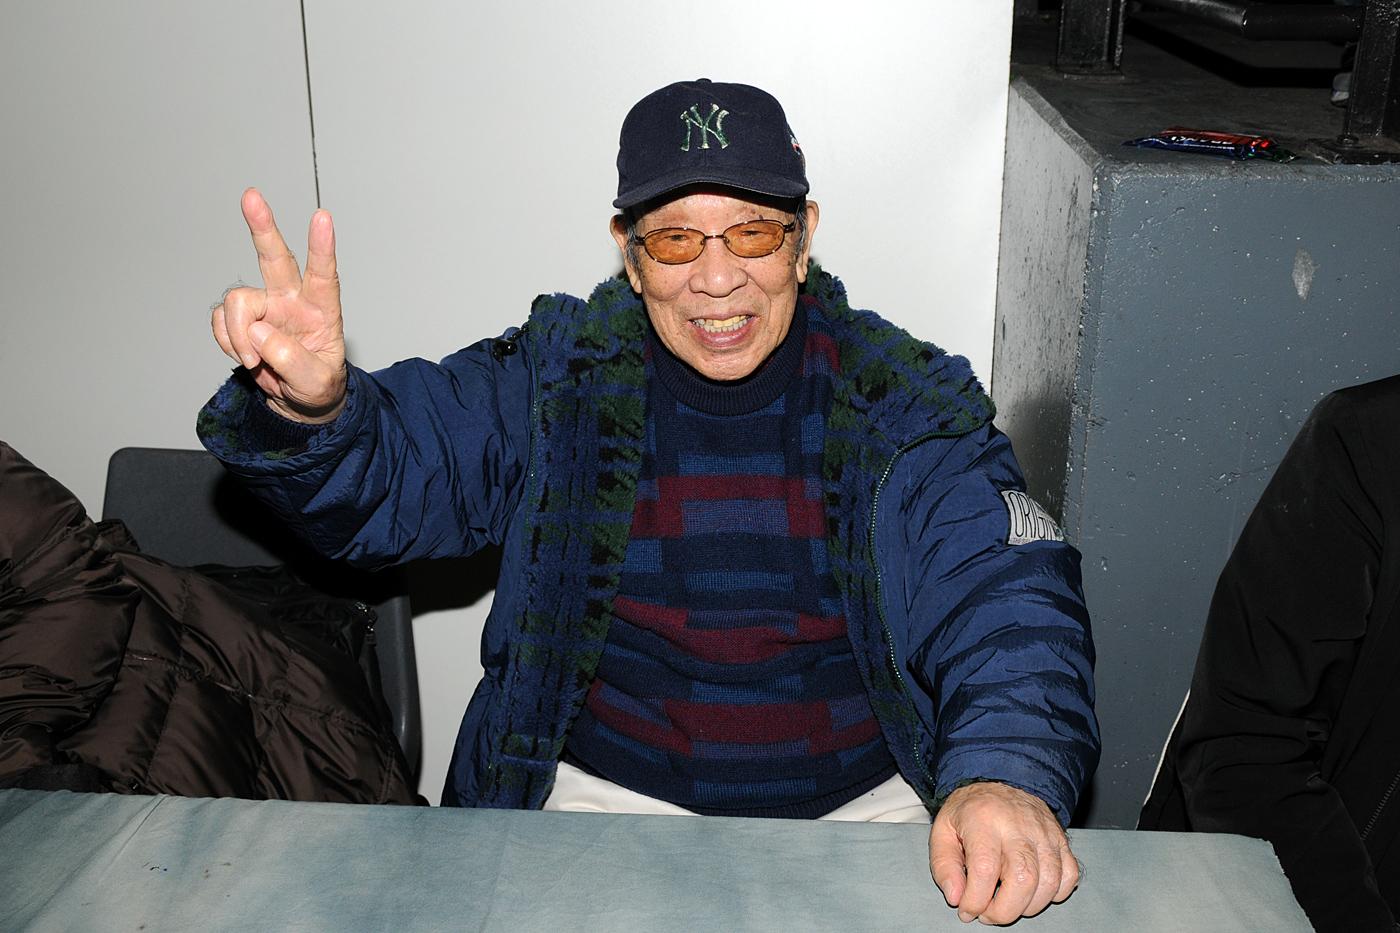 Haruo Nakajima Haruo Nakajima Wikipedia the free encyclopedia